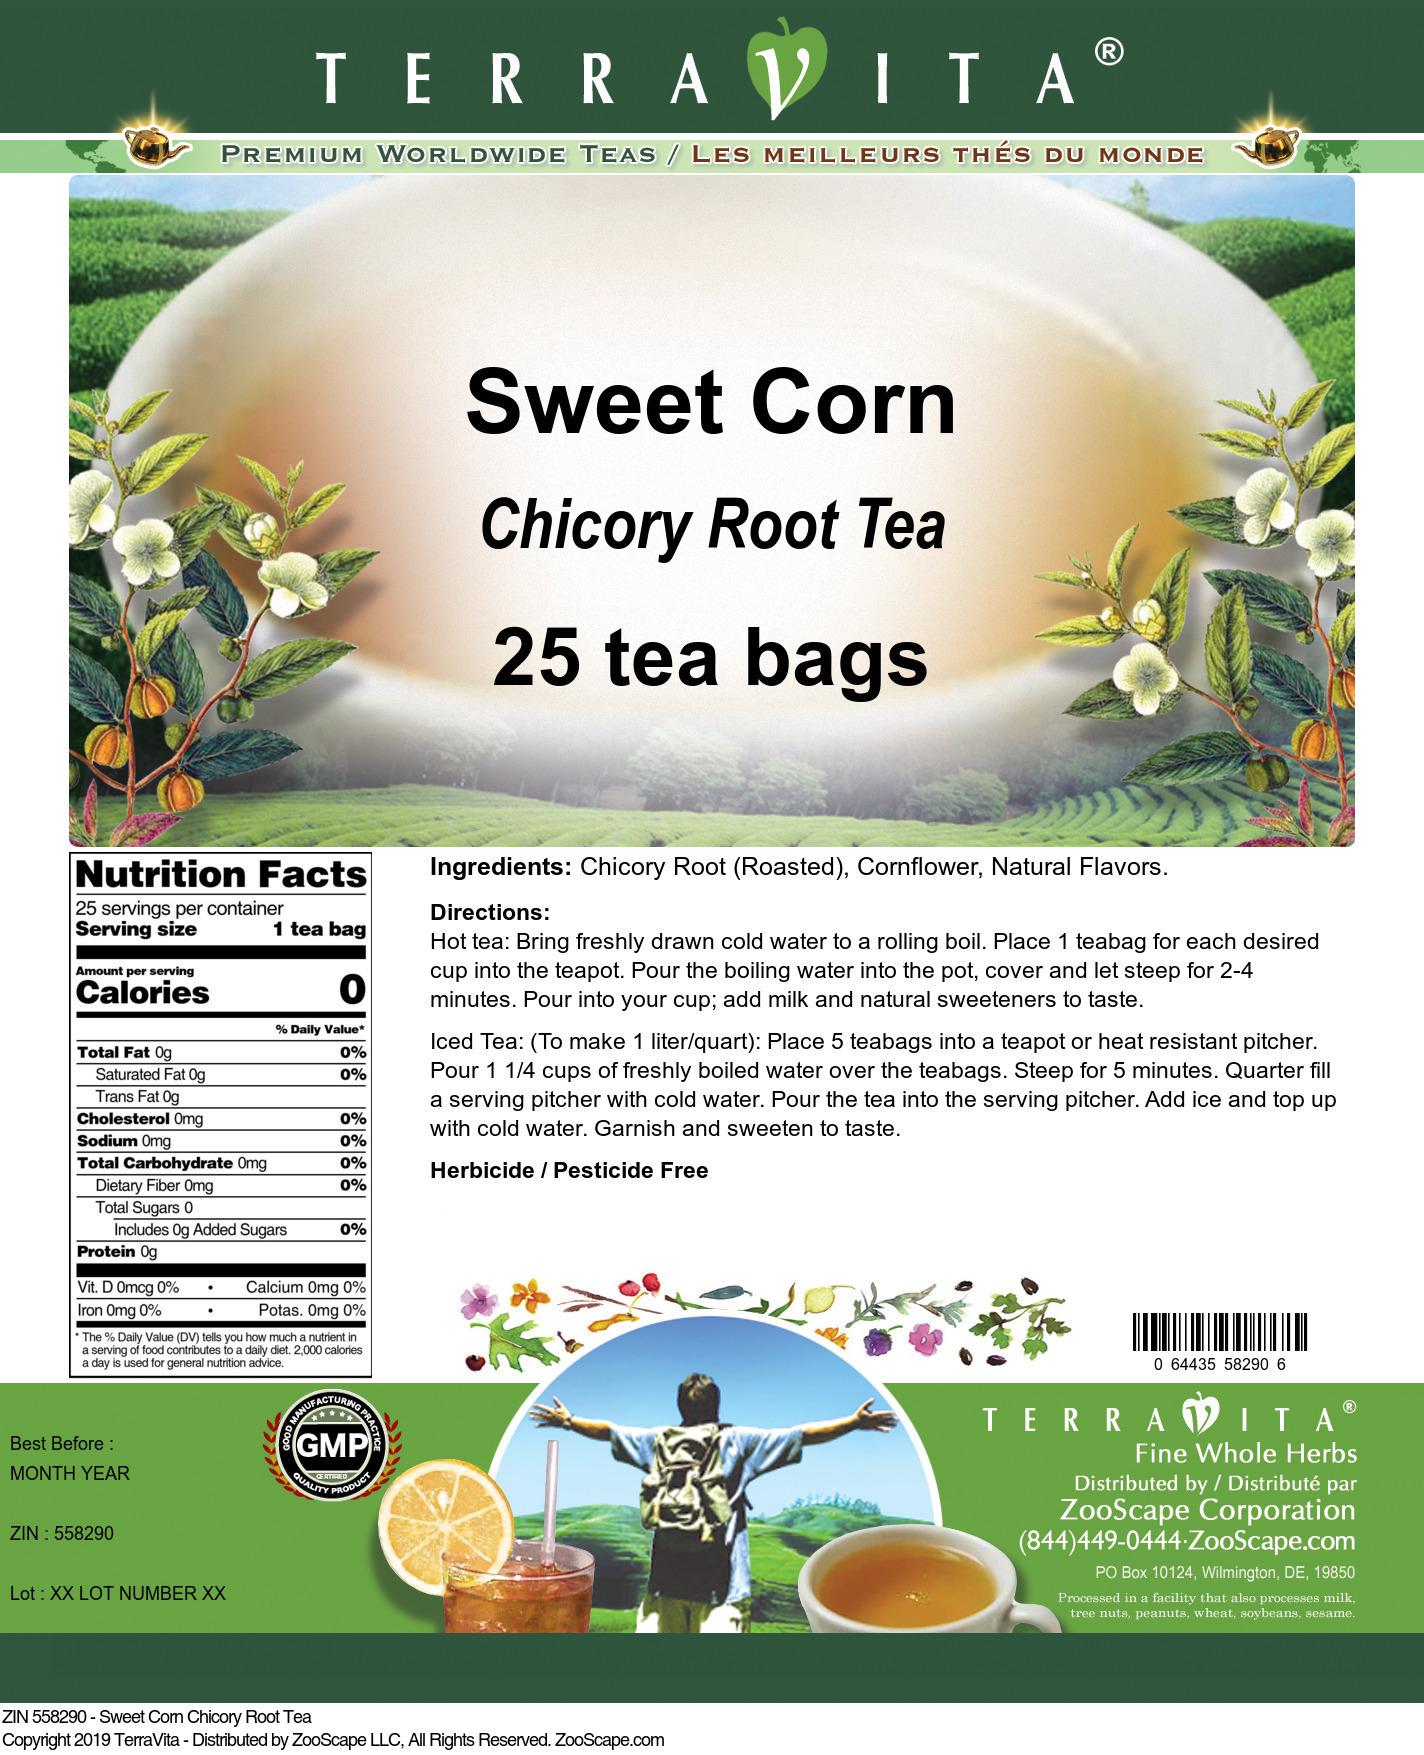 Sweet Corn Chicory Root